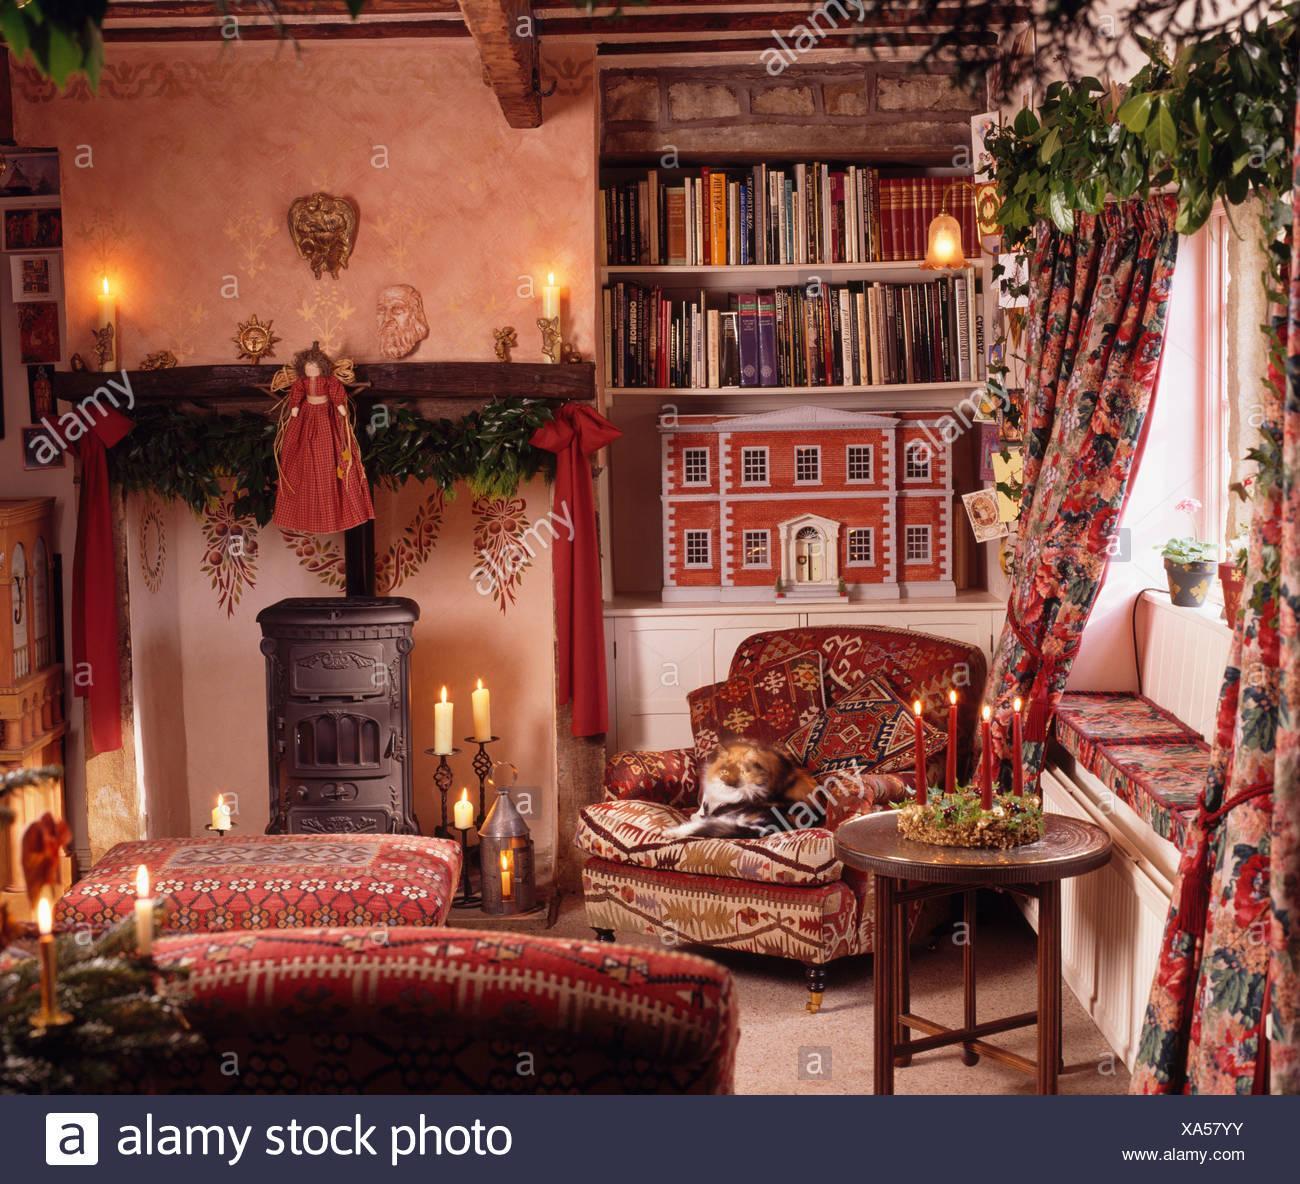 Gemütlich Weihnachten Wohnzimmer